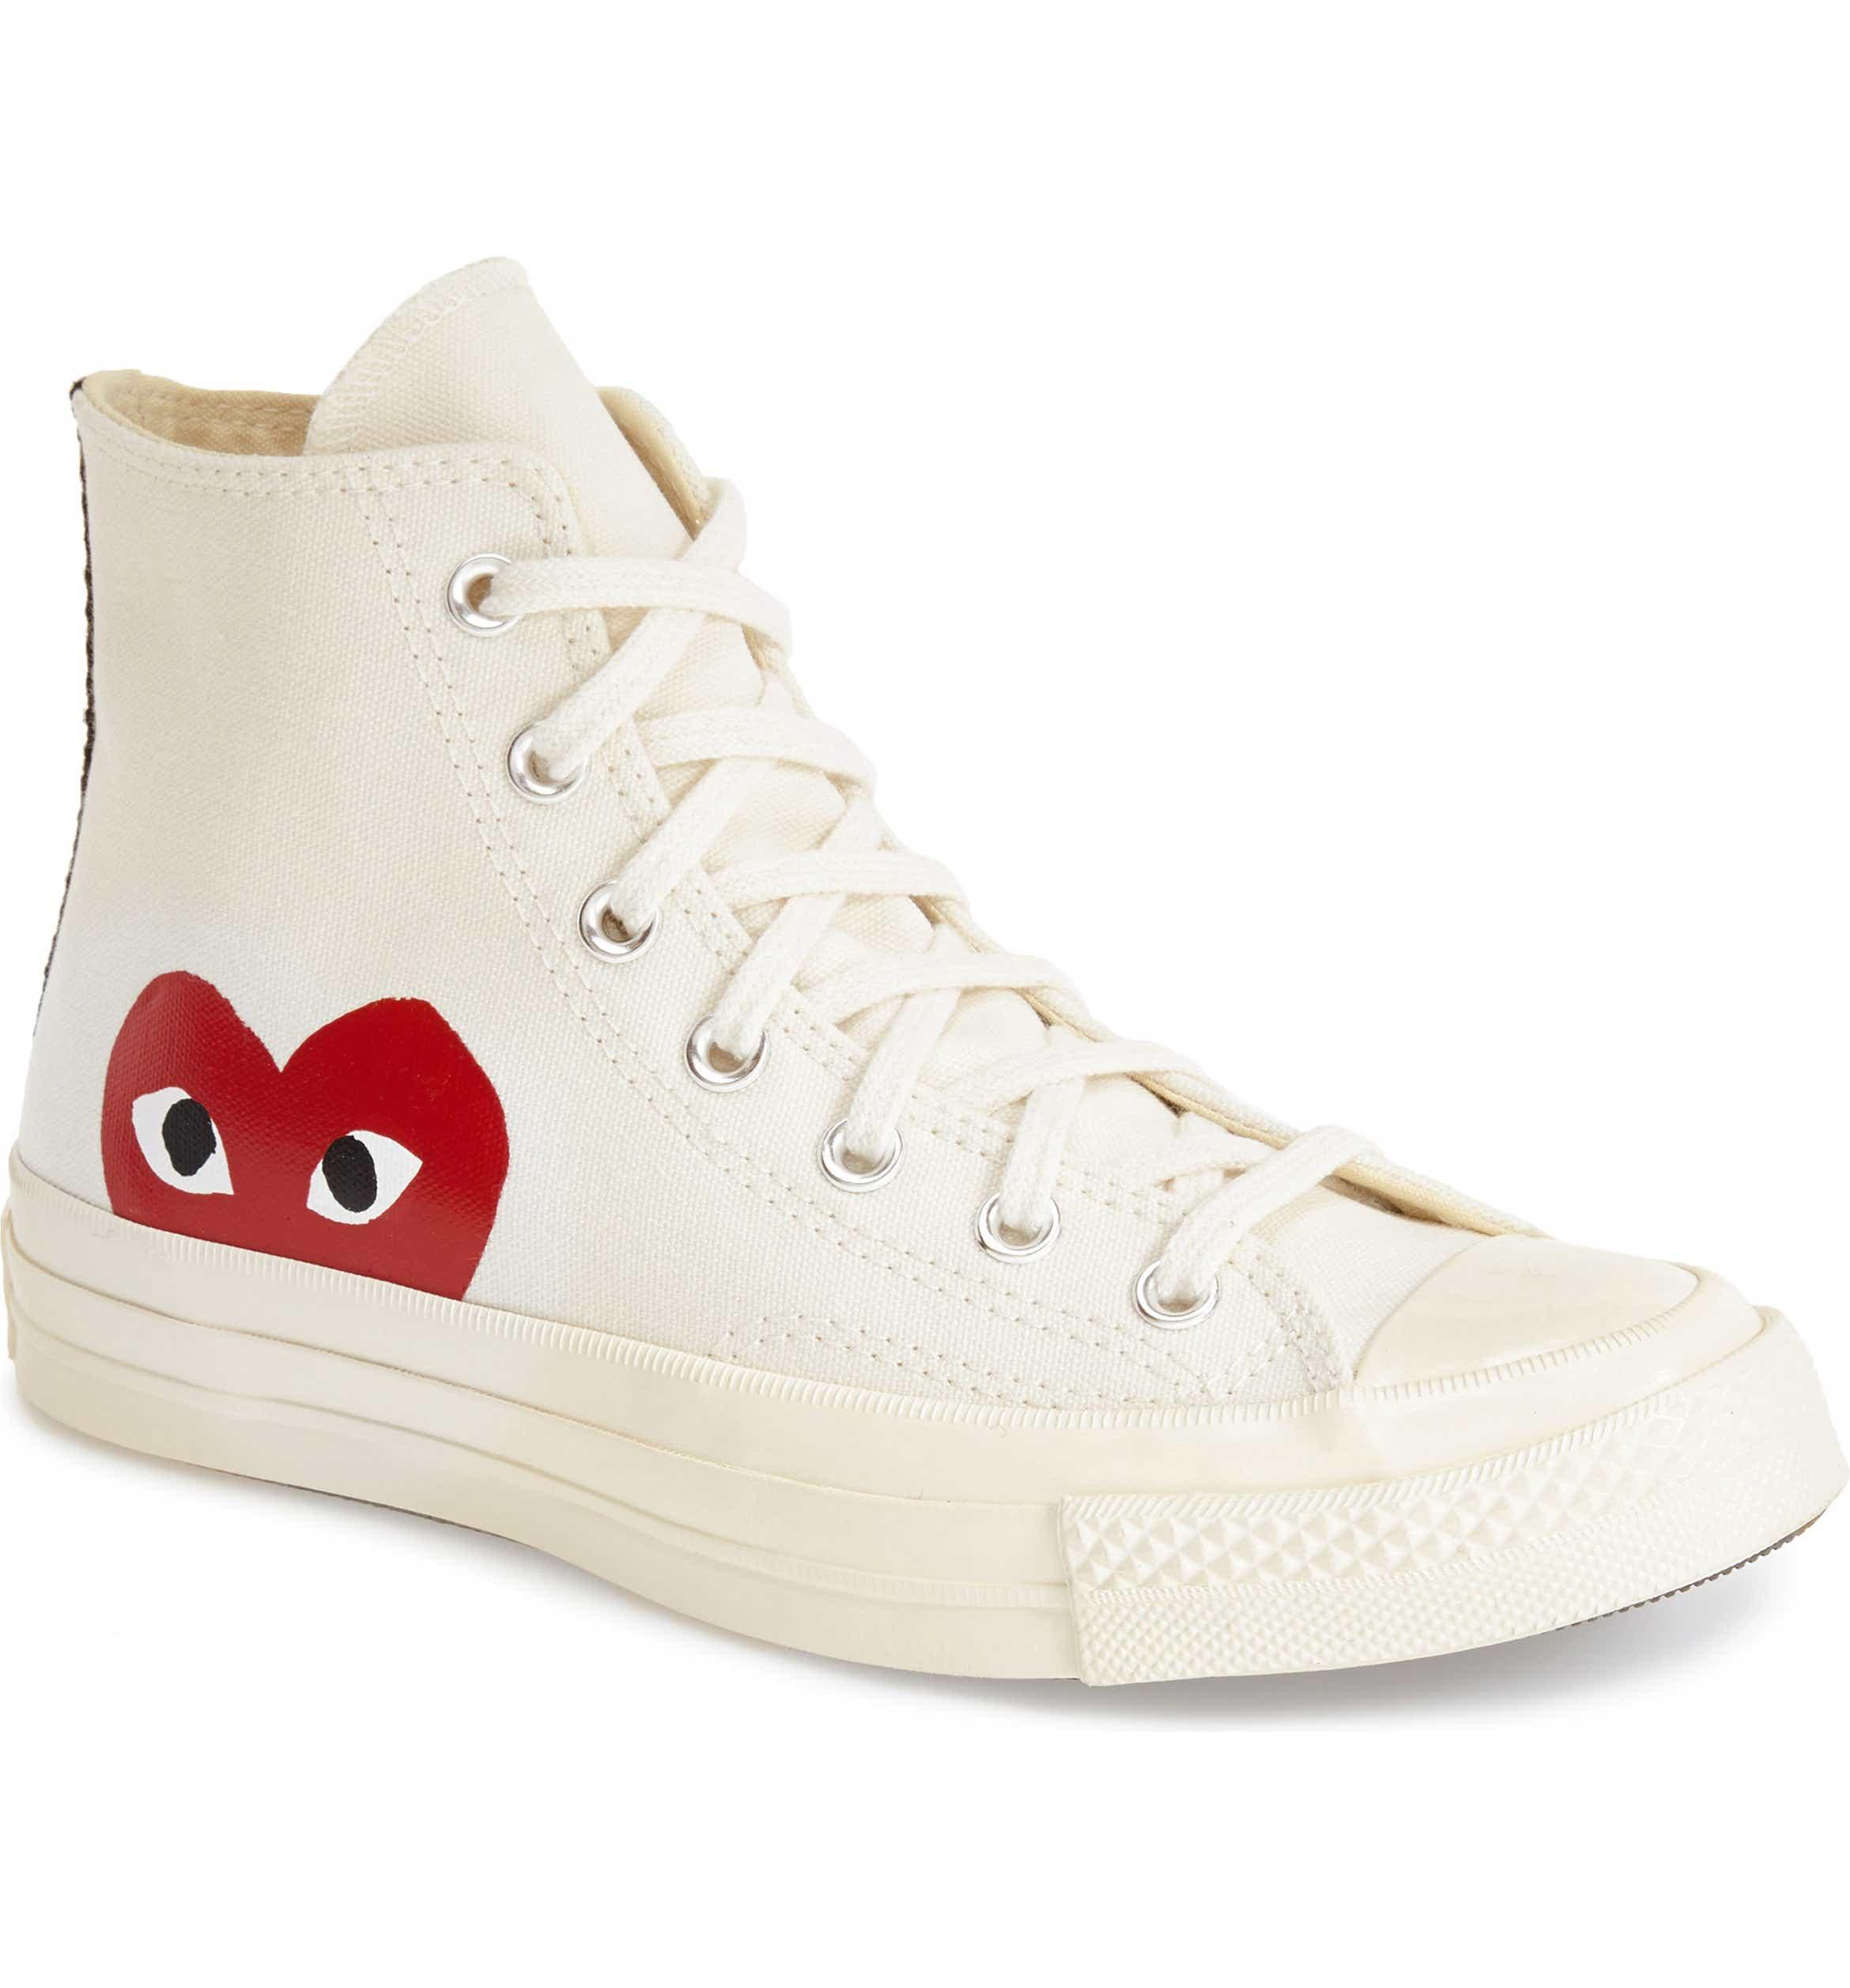 PLAY x Converse Chuck Taylor Hidden Heart High Top Sneaker